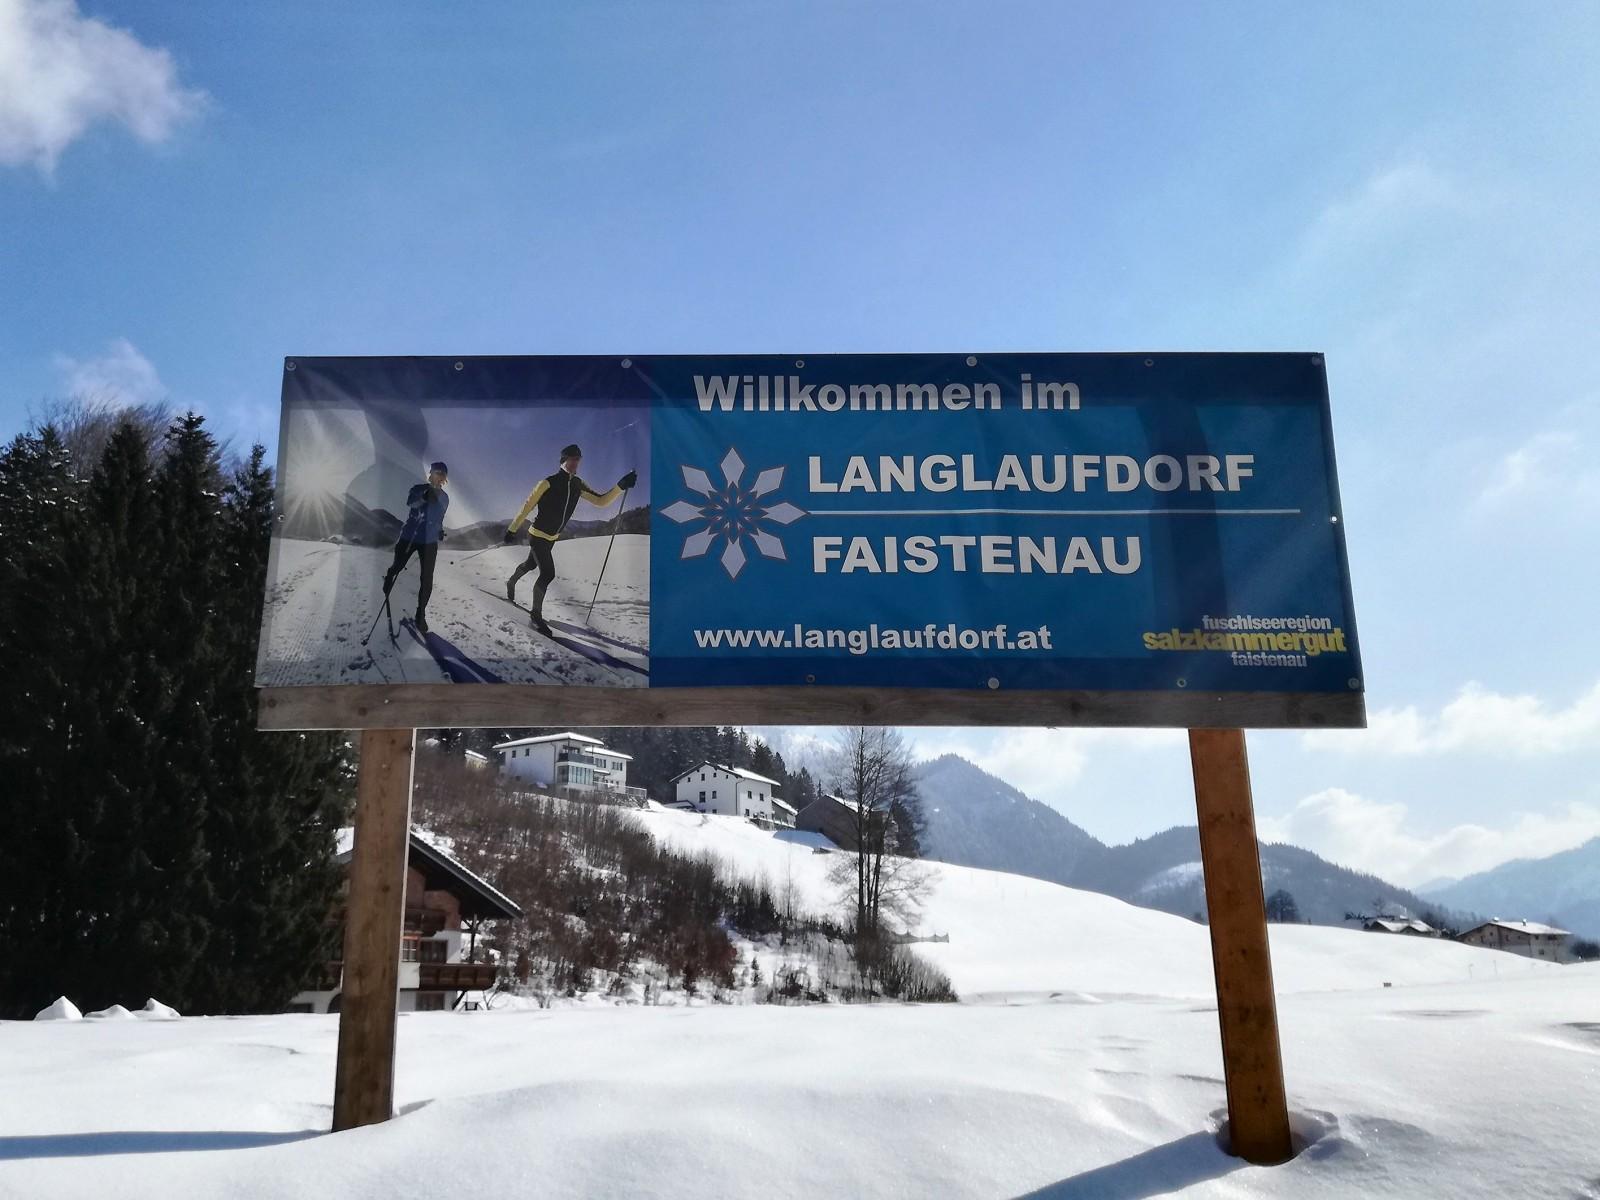 Willkommen im Langlaufdorf